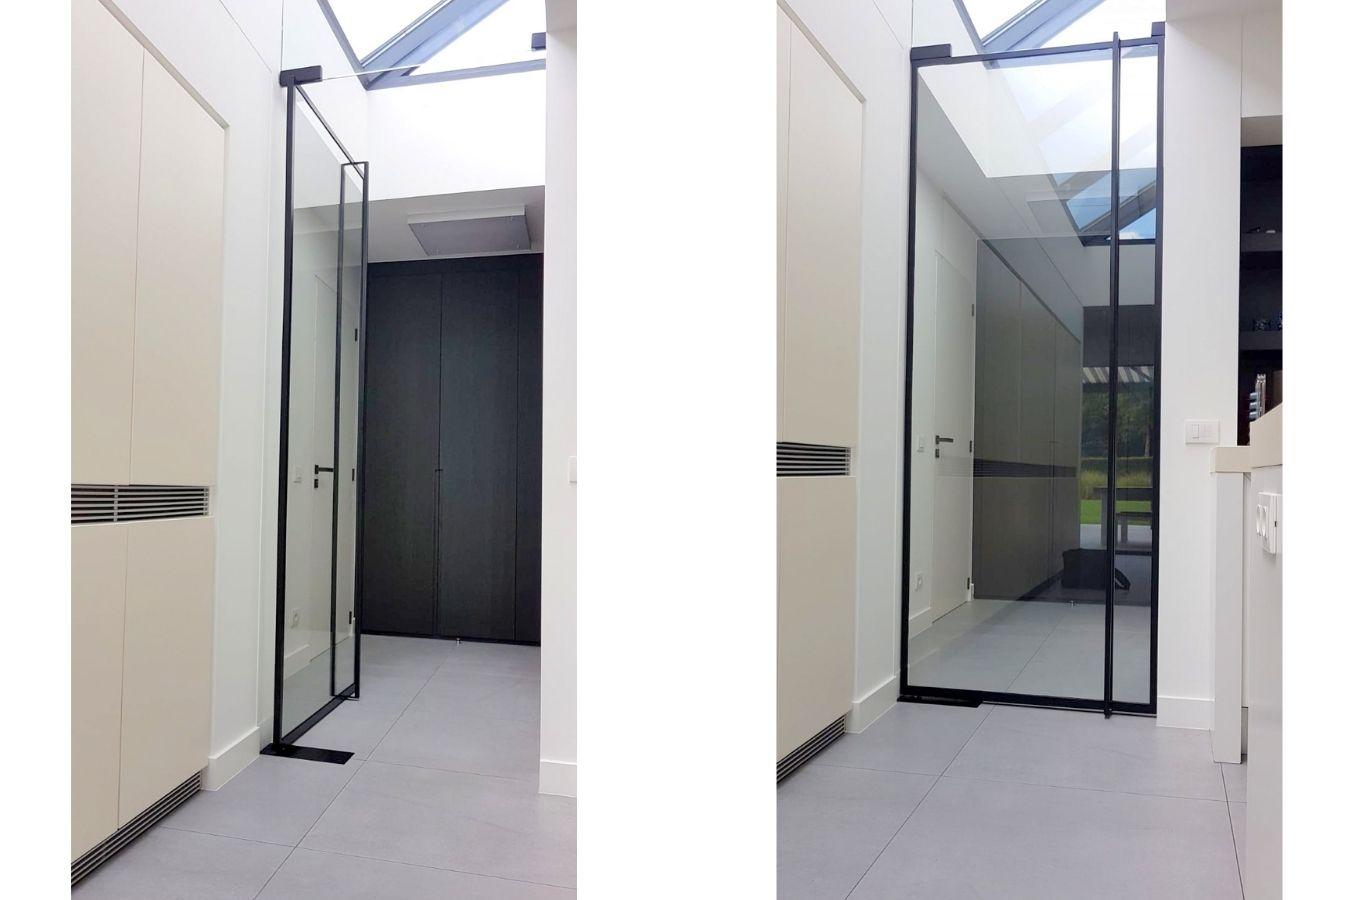 taatsdeur met deurgreep volledige lengte, ranke stalen taatsdeur in s'gravenwezel